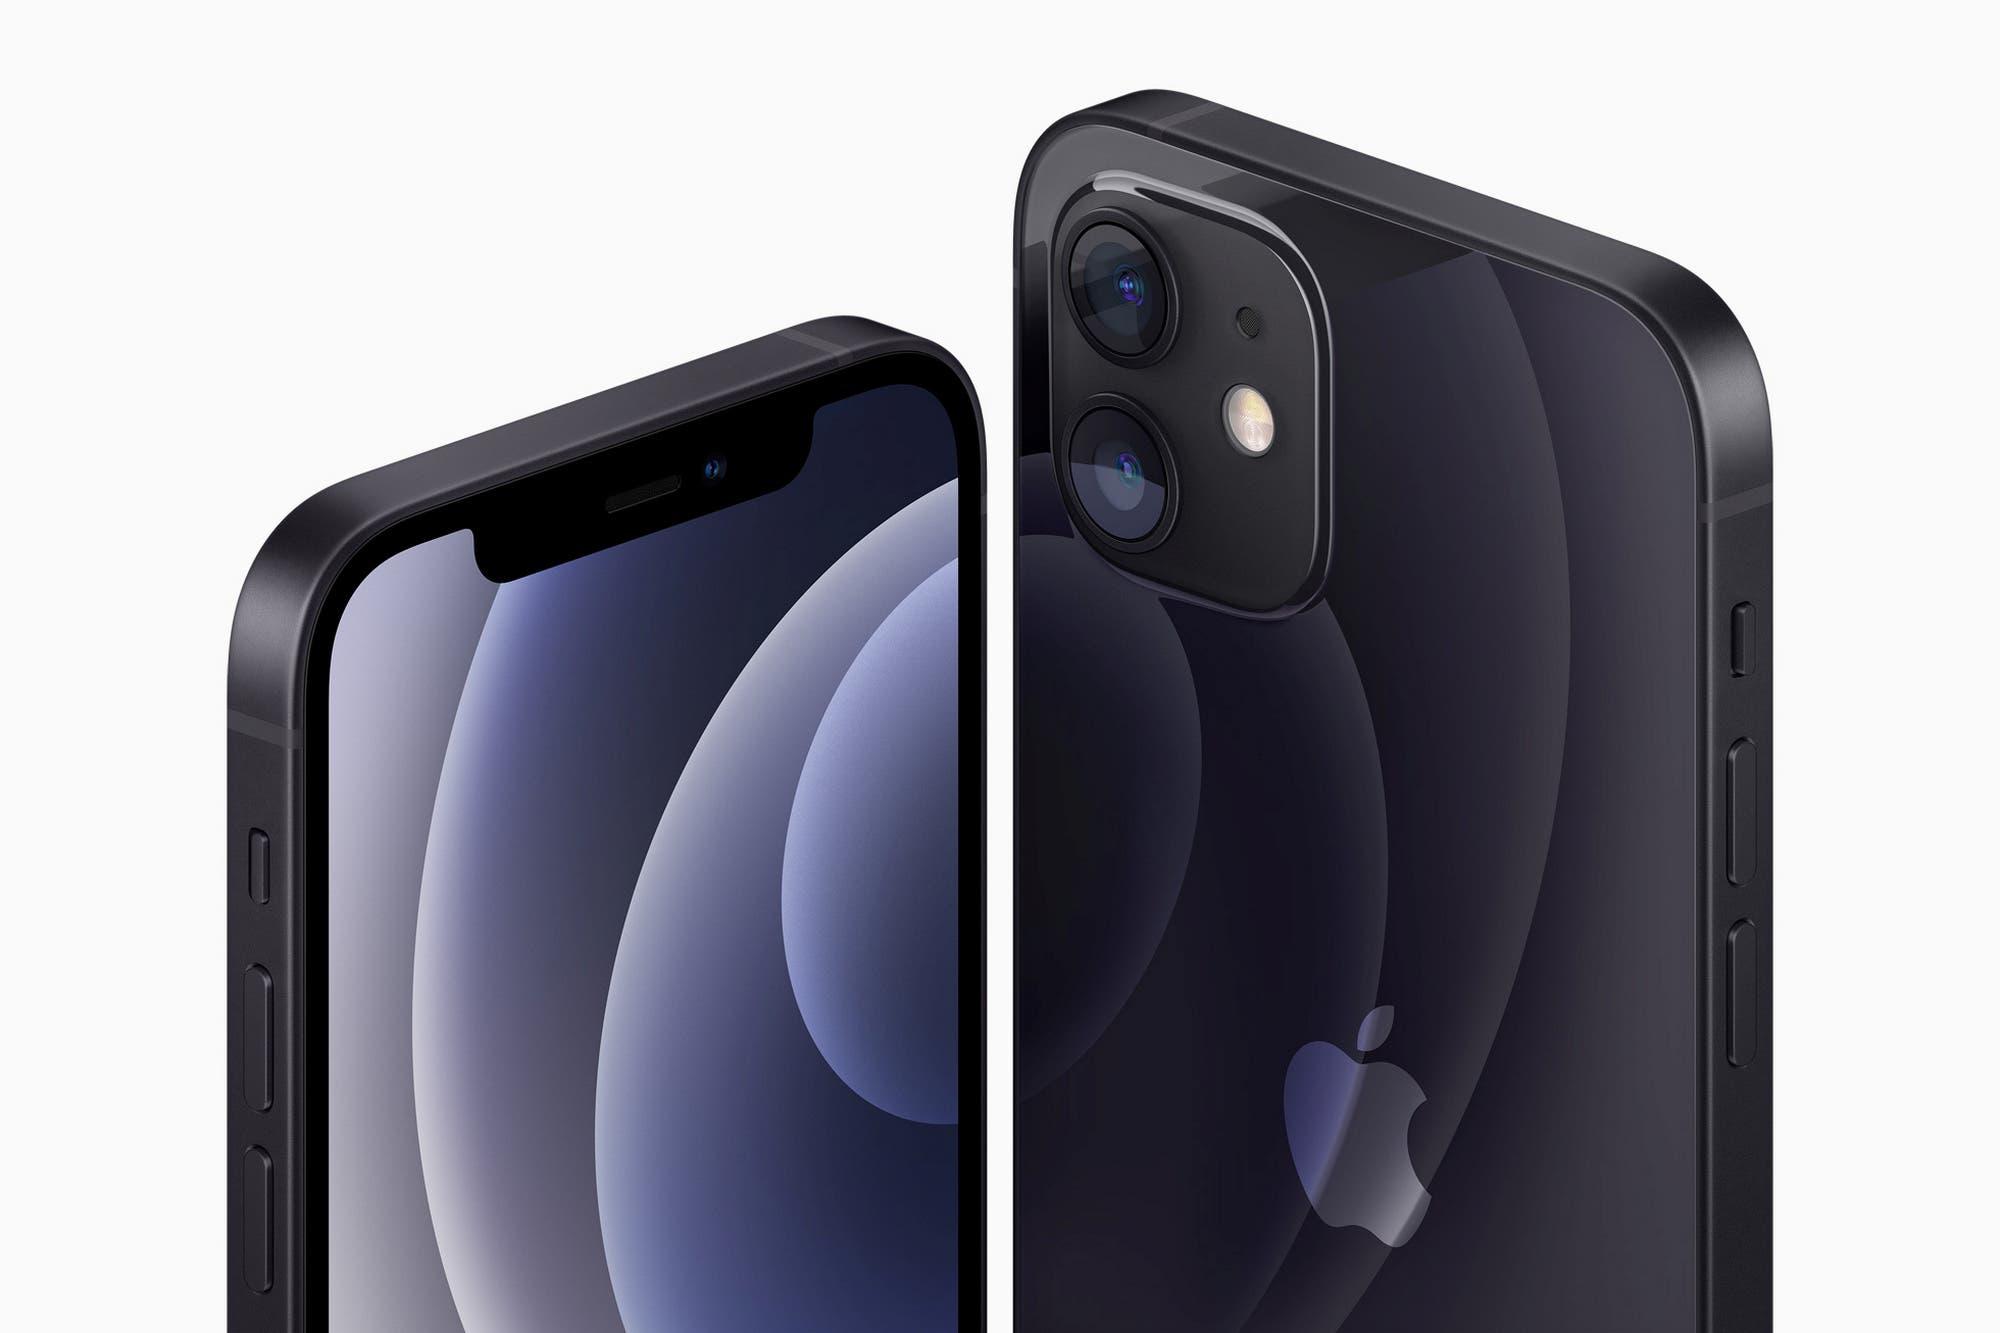 Menos autonomía: usar el 5G en el iPhone 12 reduce la duración de la batería hasta 2 horas